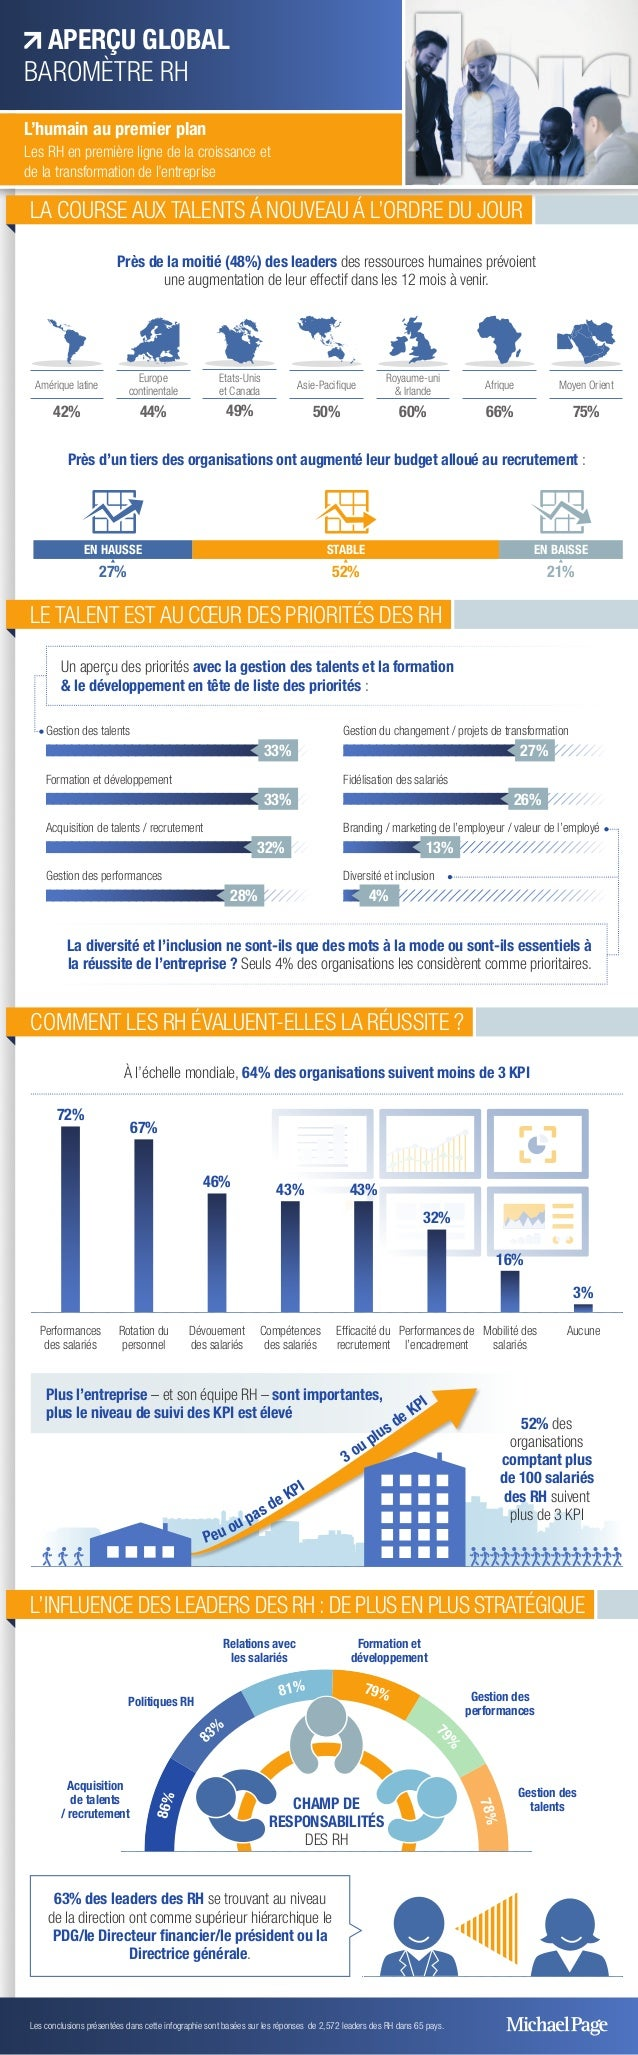 86% 8 3%  81% 79% 7 9%  78% Près de la moitié (48%) des leaders des ressources humaines prévoient une augmentation de...